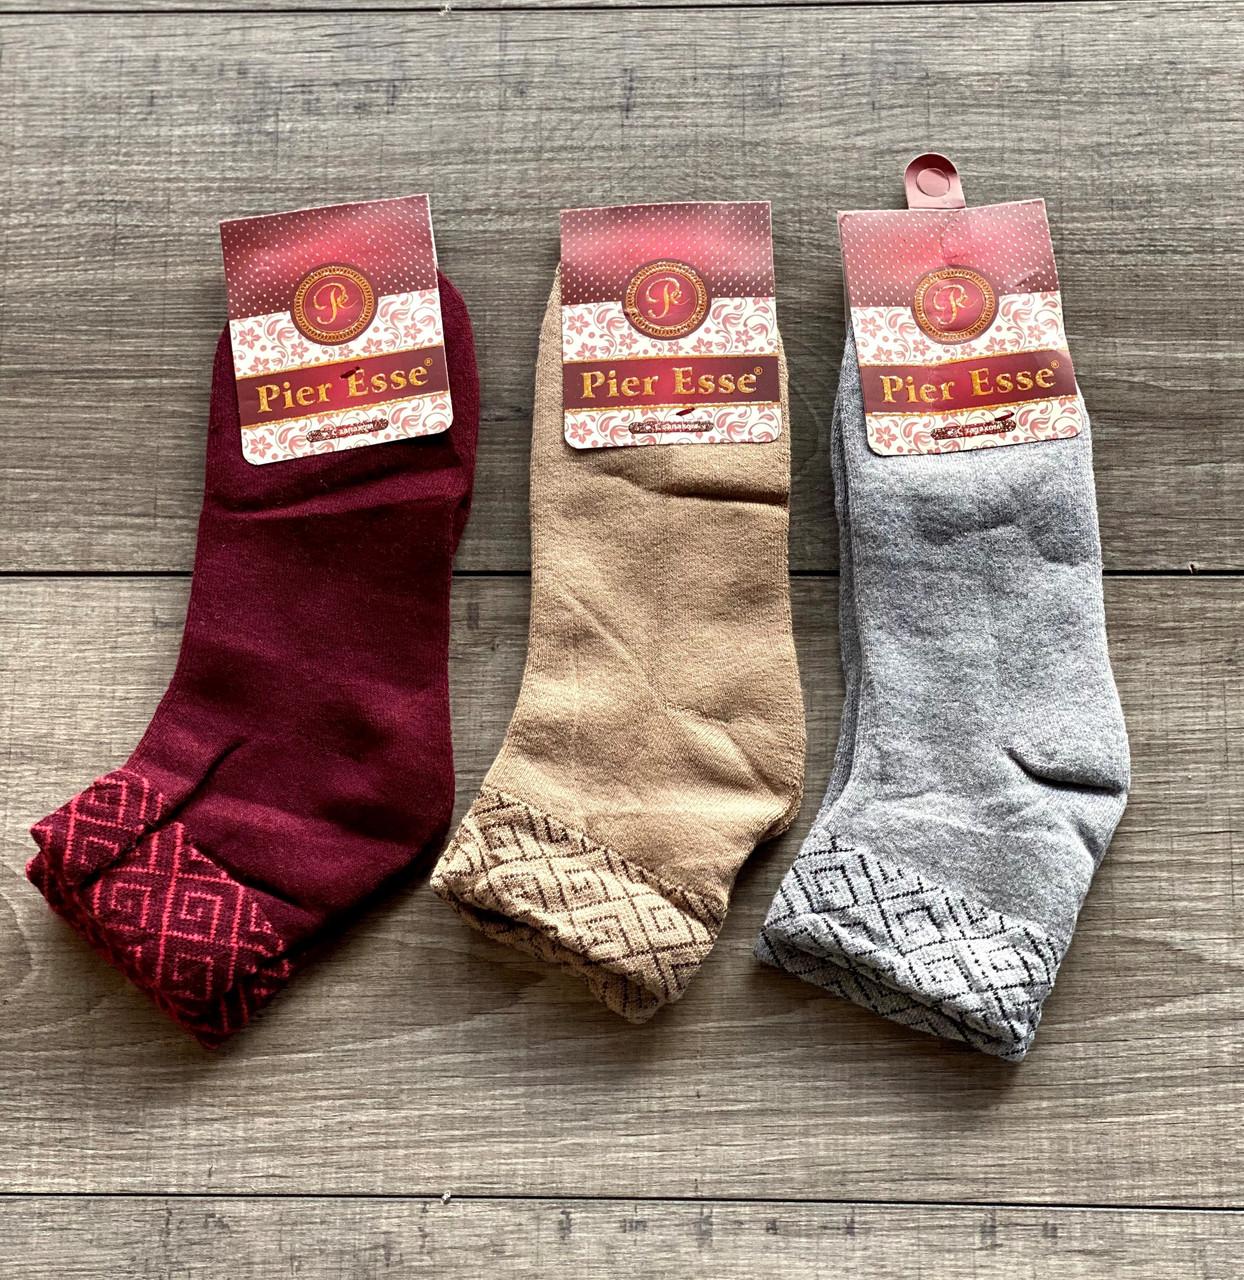 Жіночі шкарпетки махрові носки Pier Esse однотонні з орнаментом 35-40 12 шт в уп мікс кольорів